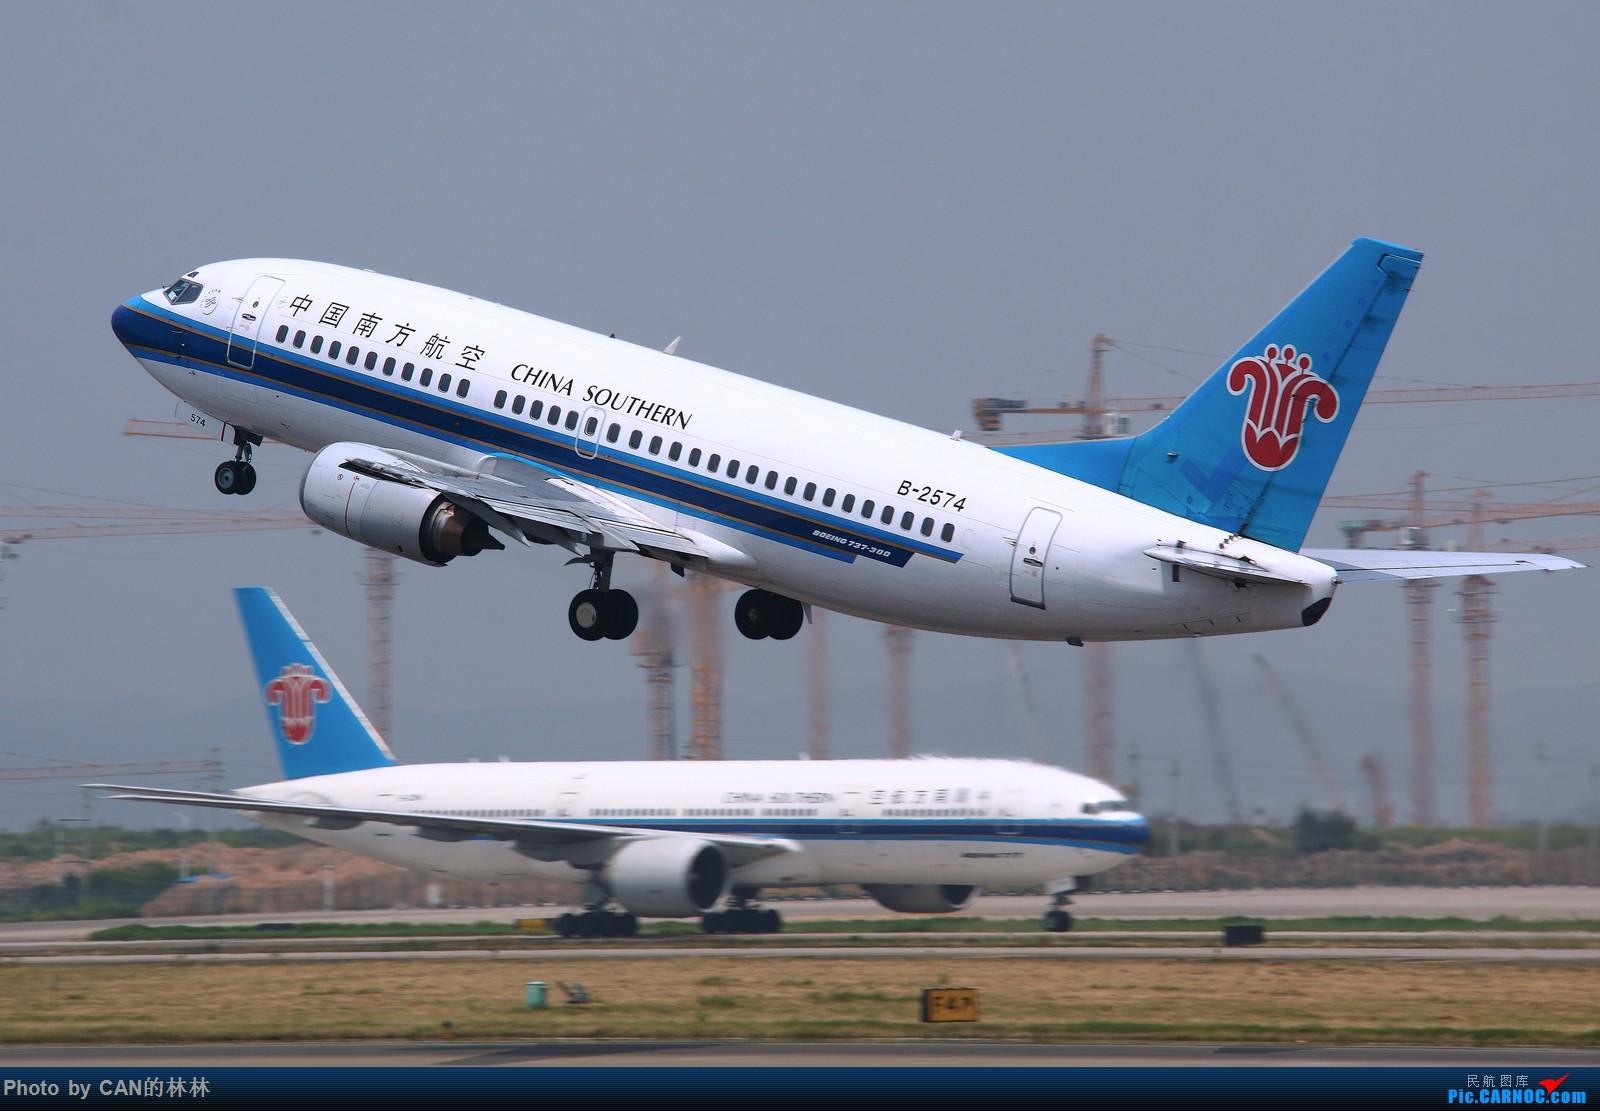 [原创]~~~老爷机充好货,一组菜航733,只拍过4架,欢迎补充~~~ BOEING 737-300 B-2574 中国广州白云国际机场